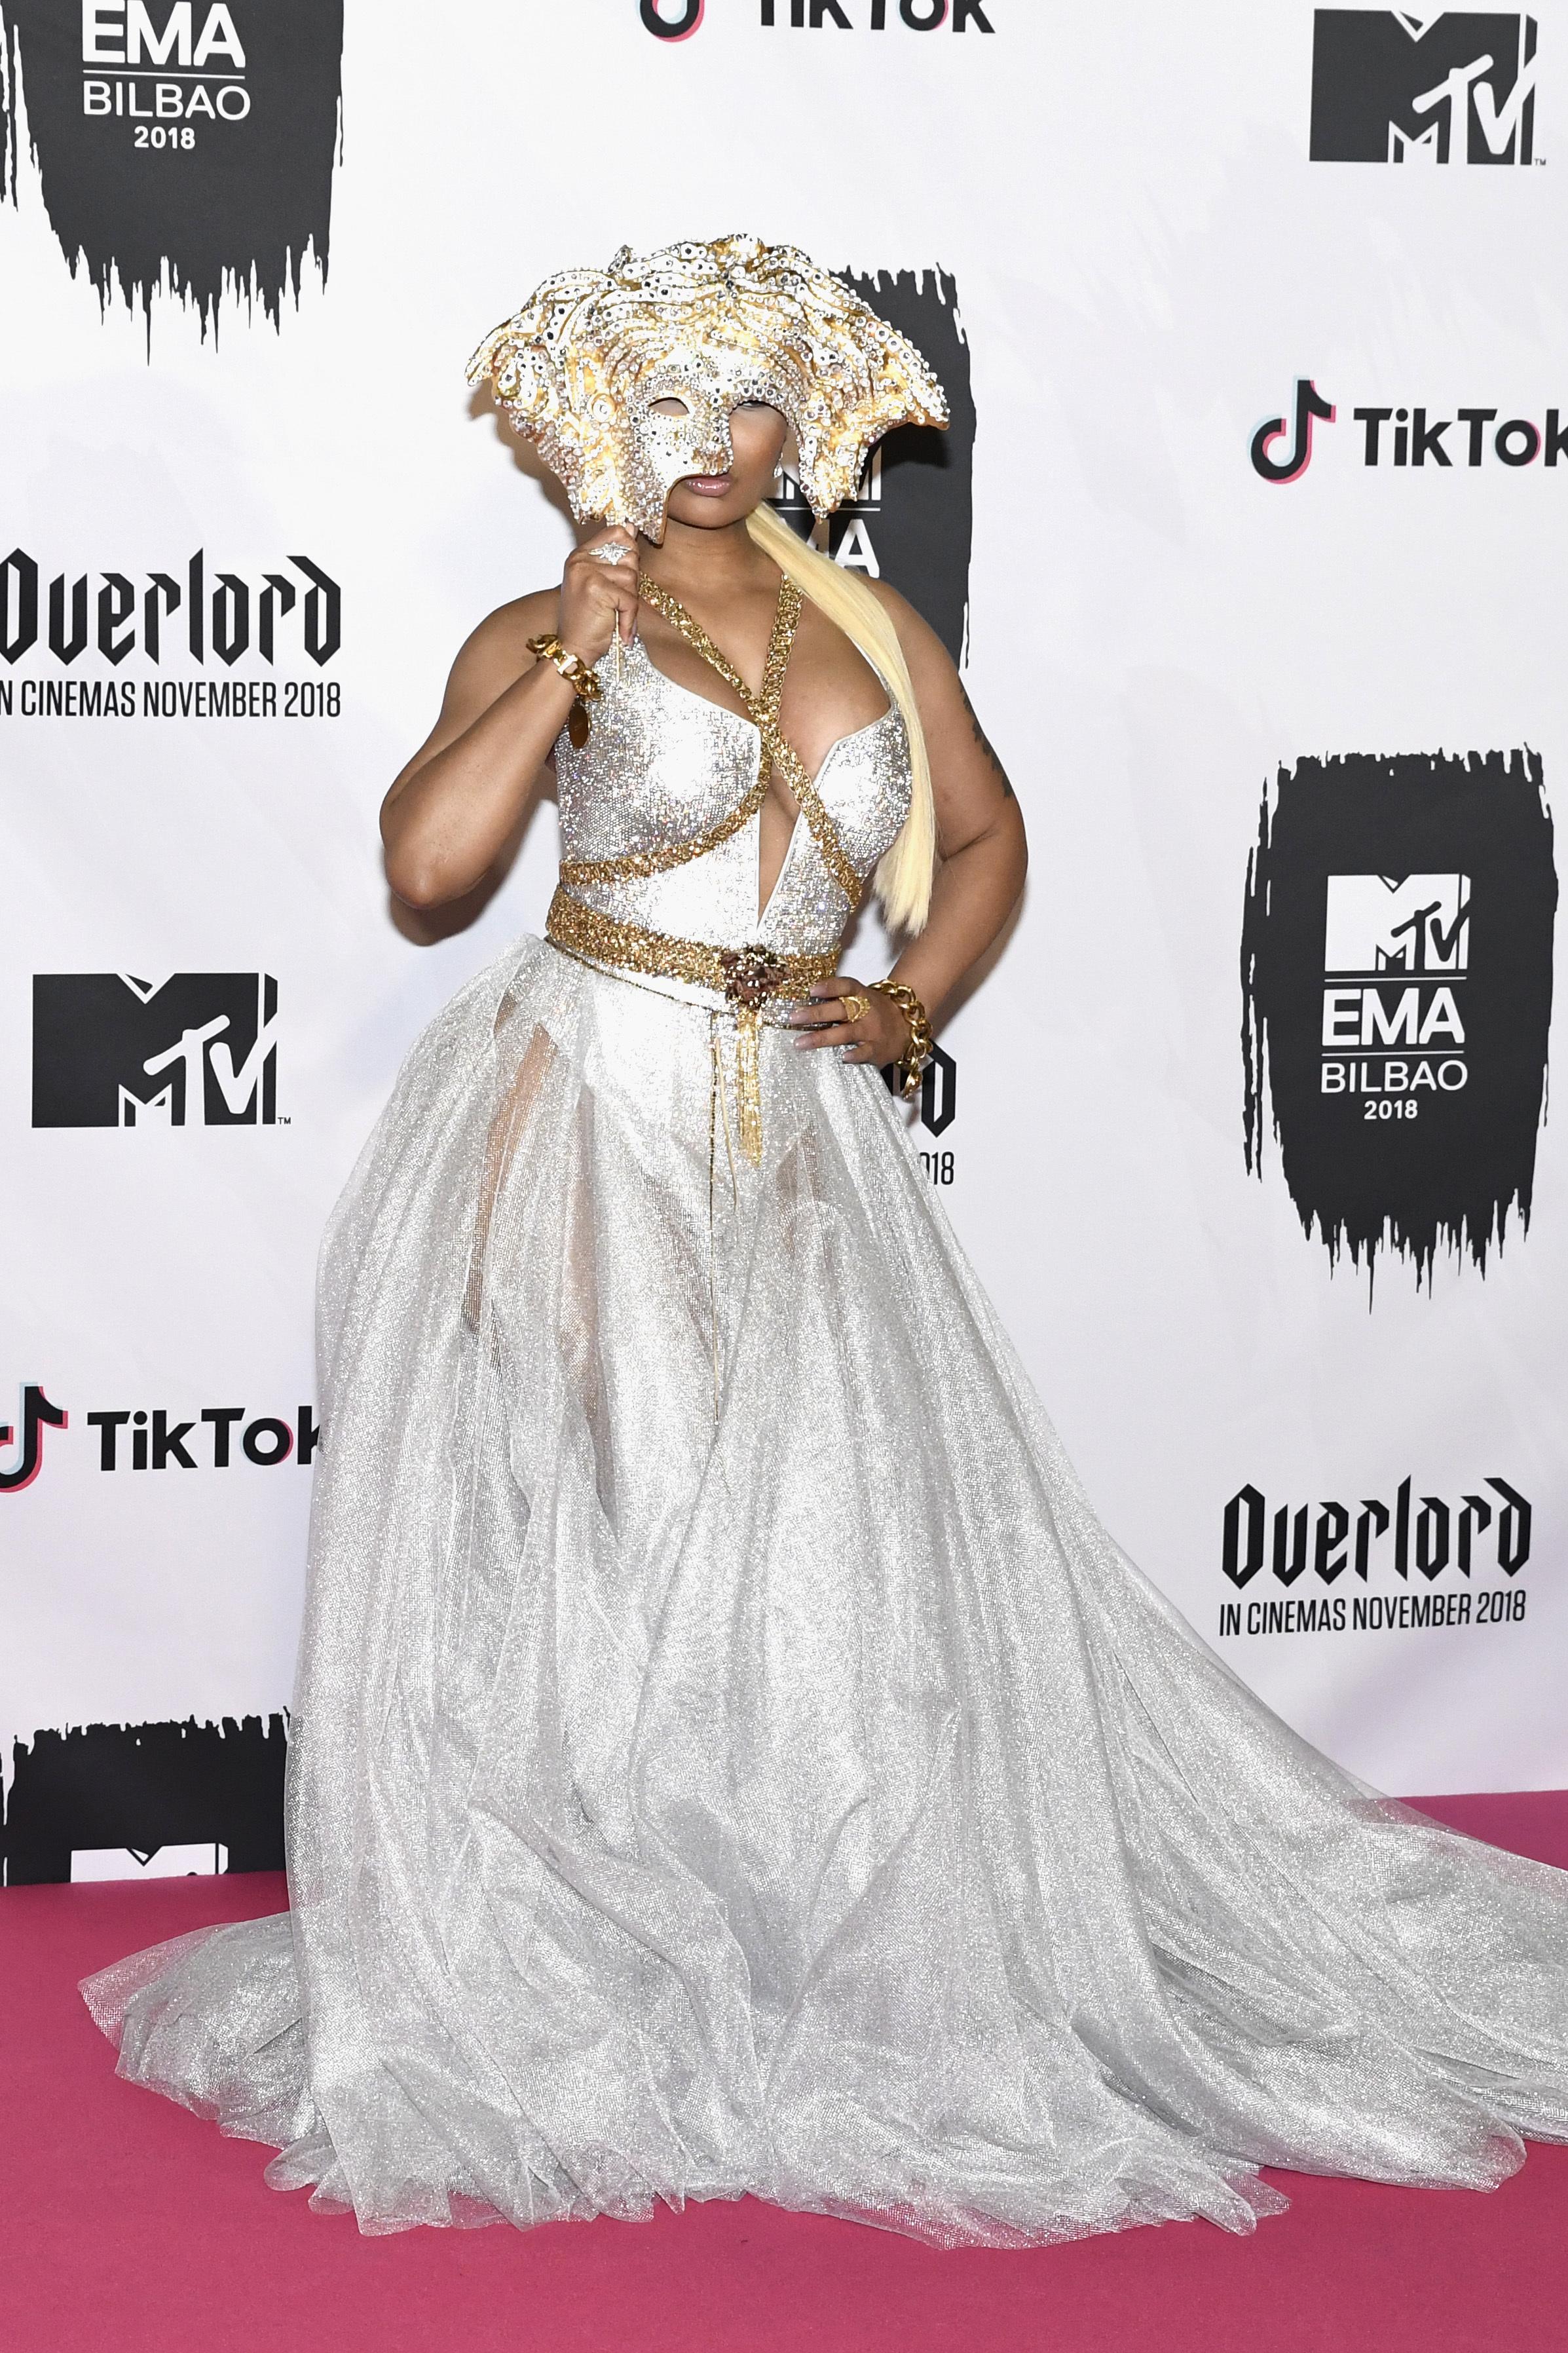 Nicki Minaj arrives at the MTV Europe Music Awards in Bilbao, Spain, on Nov. 4, 2018.